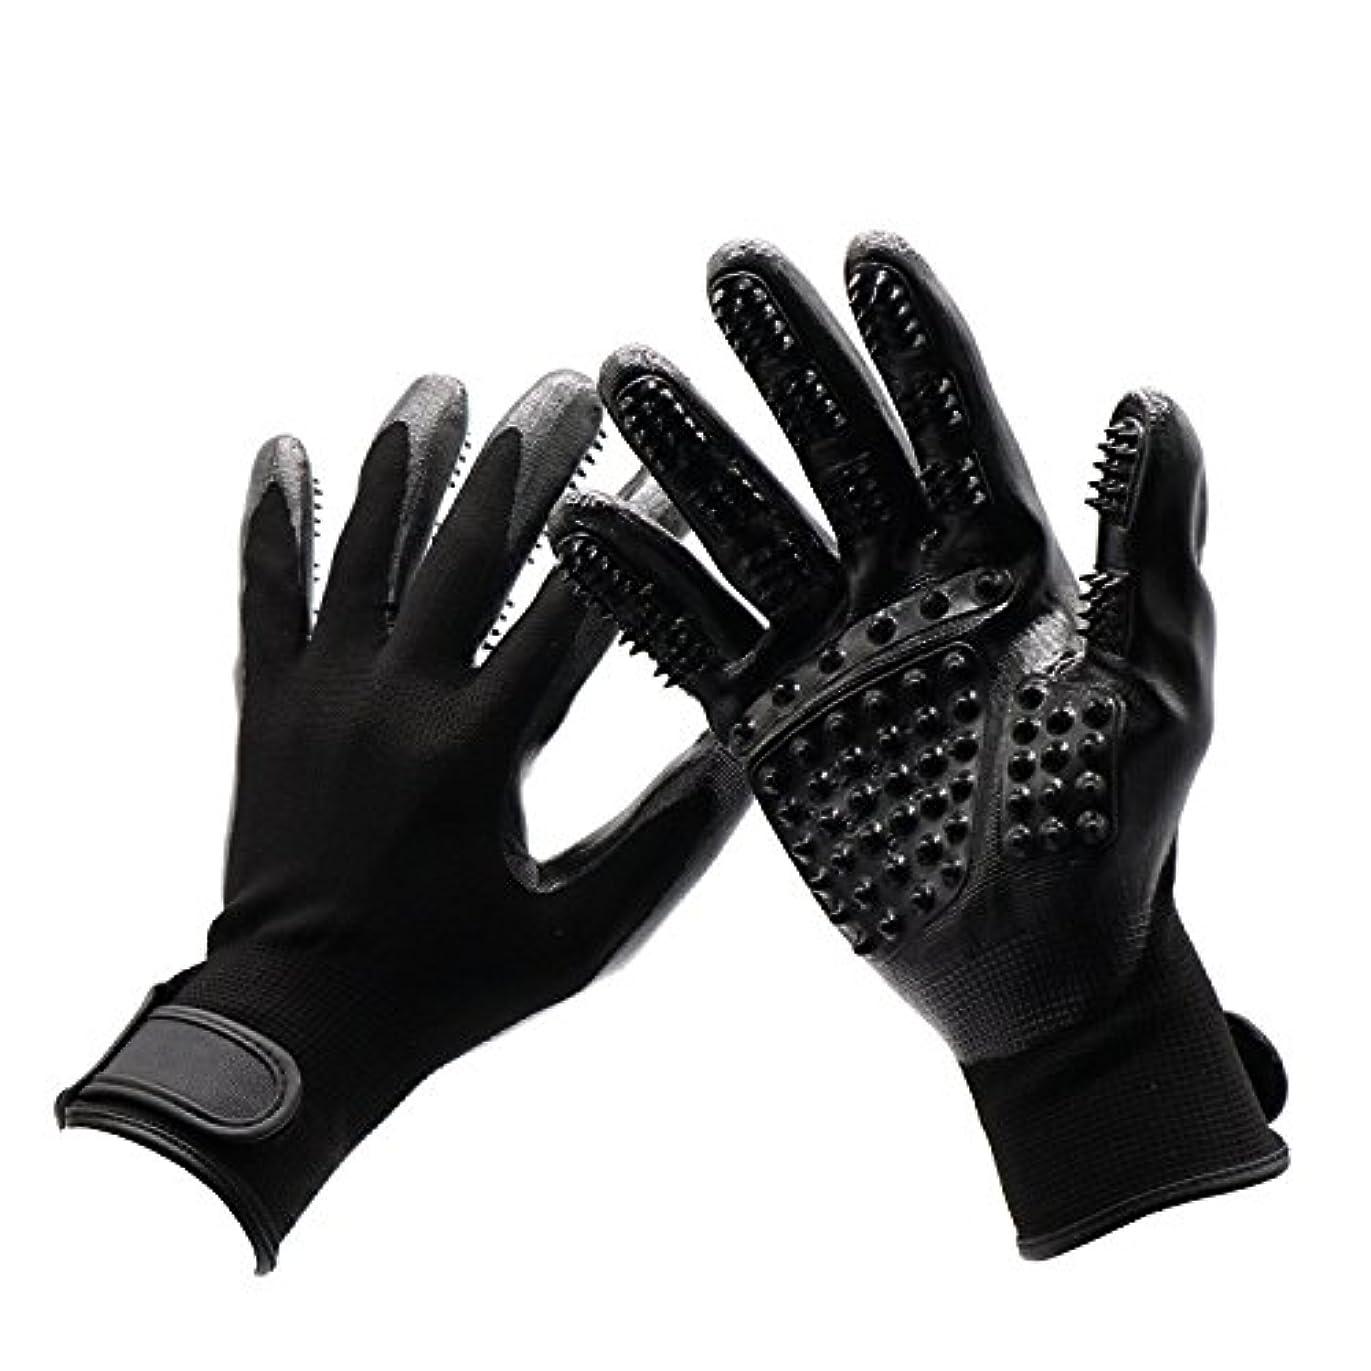 トロリー橋ロゴBTXXYJP 手袋 ペット ブラシ 猫 ブラシ グローブ クリーナー 抜け毛取り マッサージブラシ 犬 グローブ ペット毛取りブラシ お手入れ (Color : Black, Size : L- 9.6*5.5in)